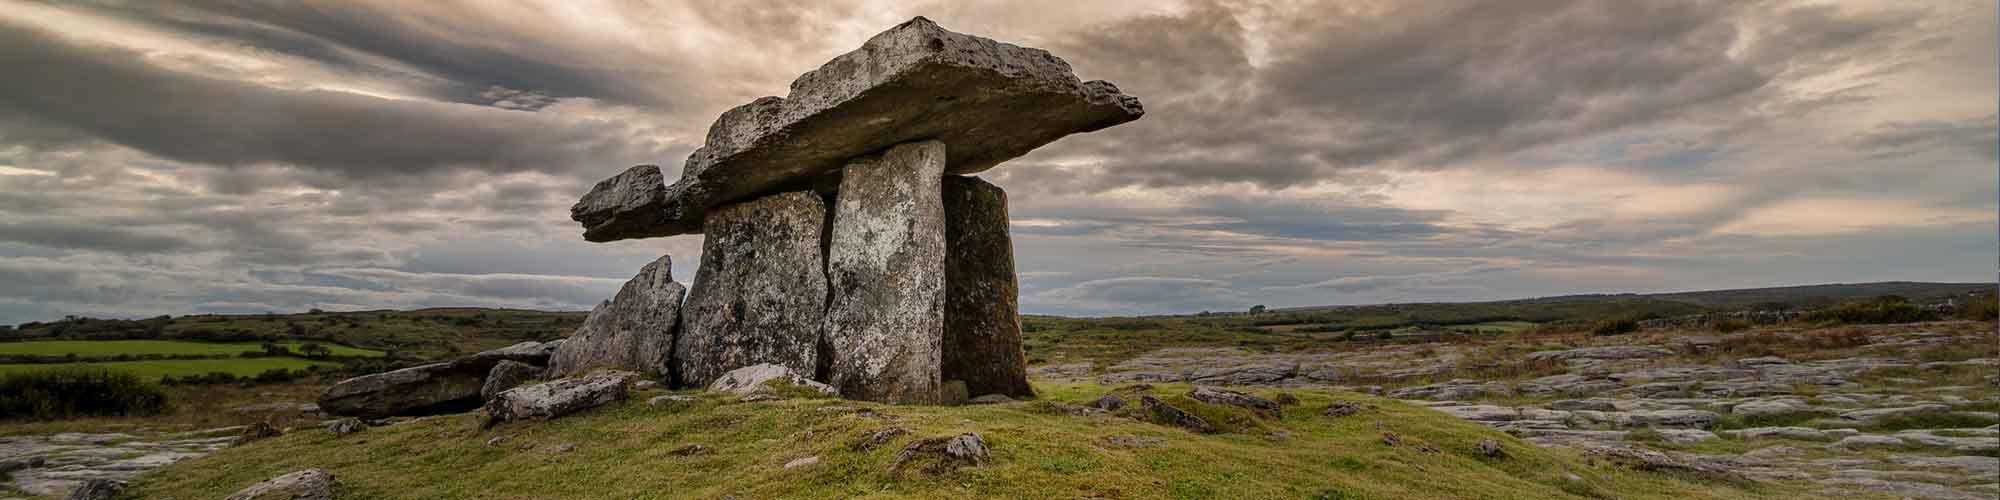 Bloomsday: Irlanda literaria y de cine - EL PAÍS Viajes